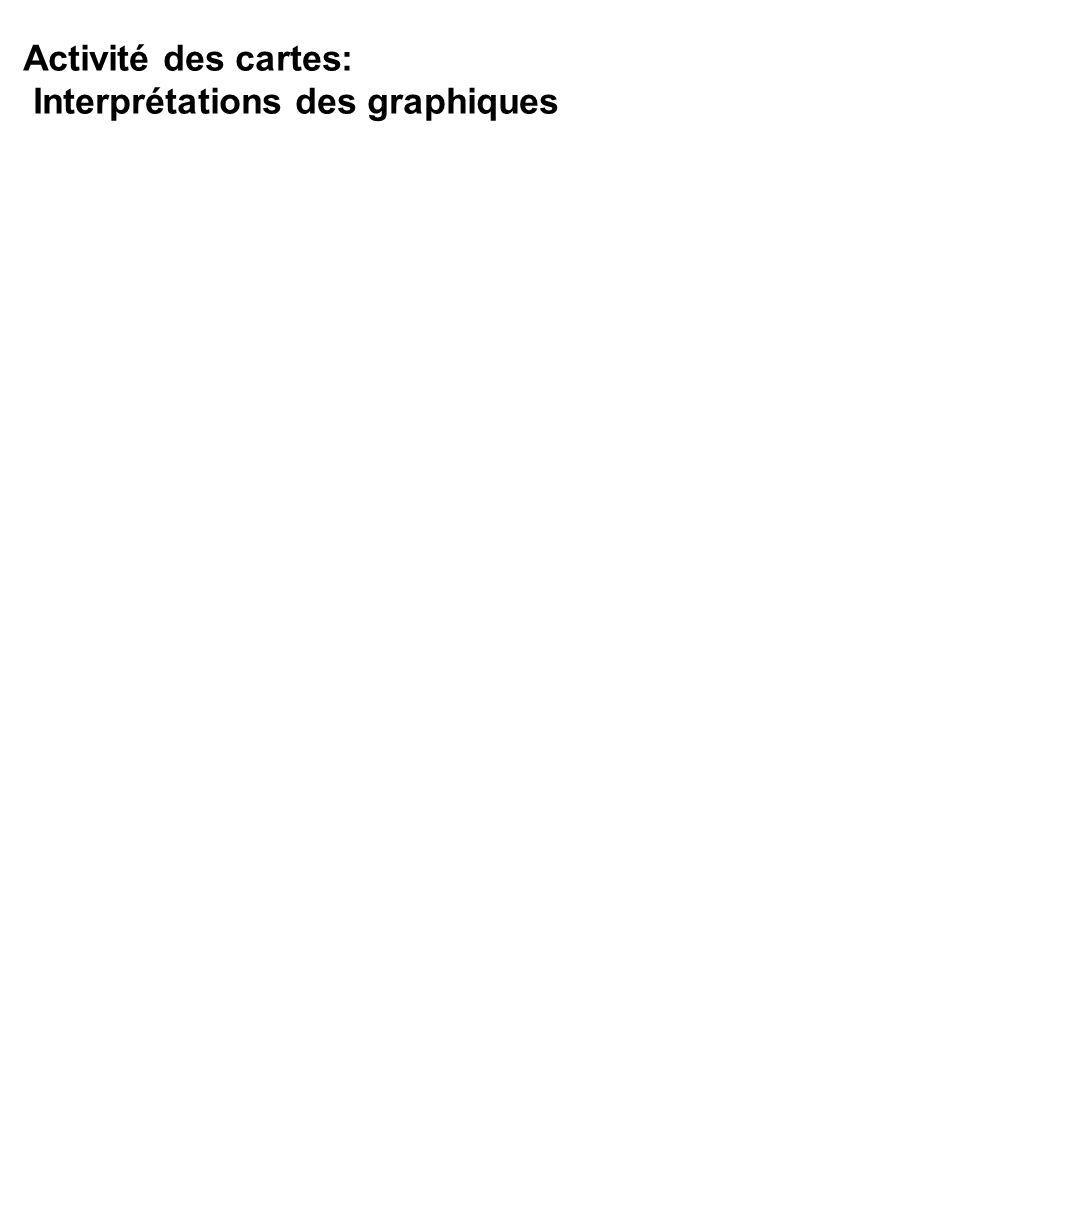 Activité des cartes: Interprétations des graphiques